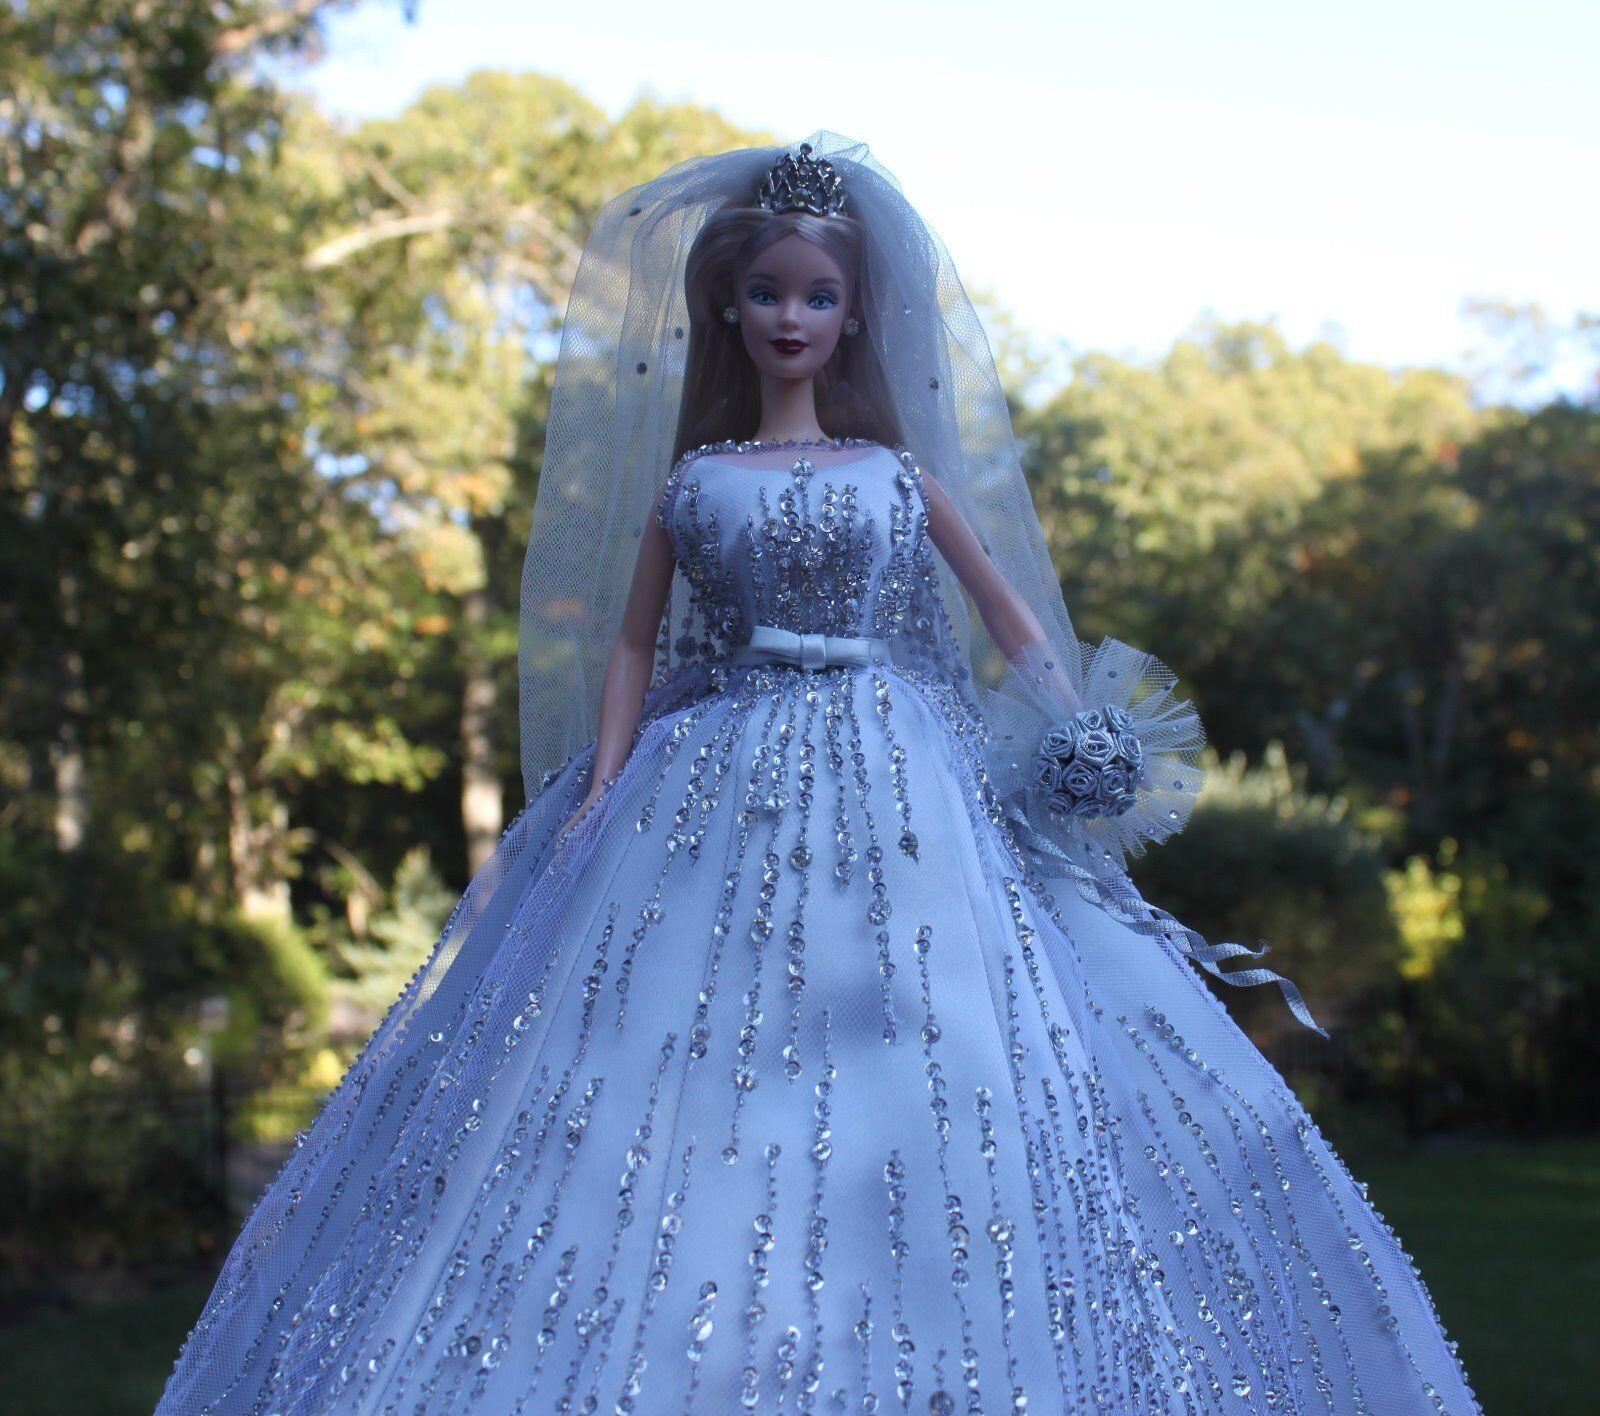 Muñeca Barbie Novia Del Milenio Edición Limitada 2000 + Pin Collector